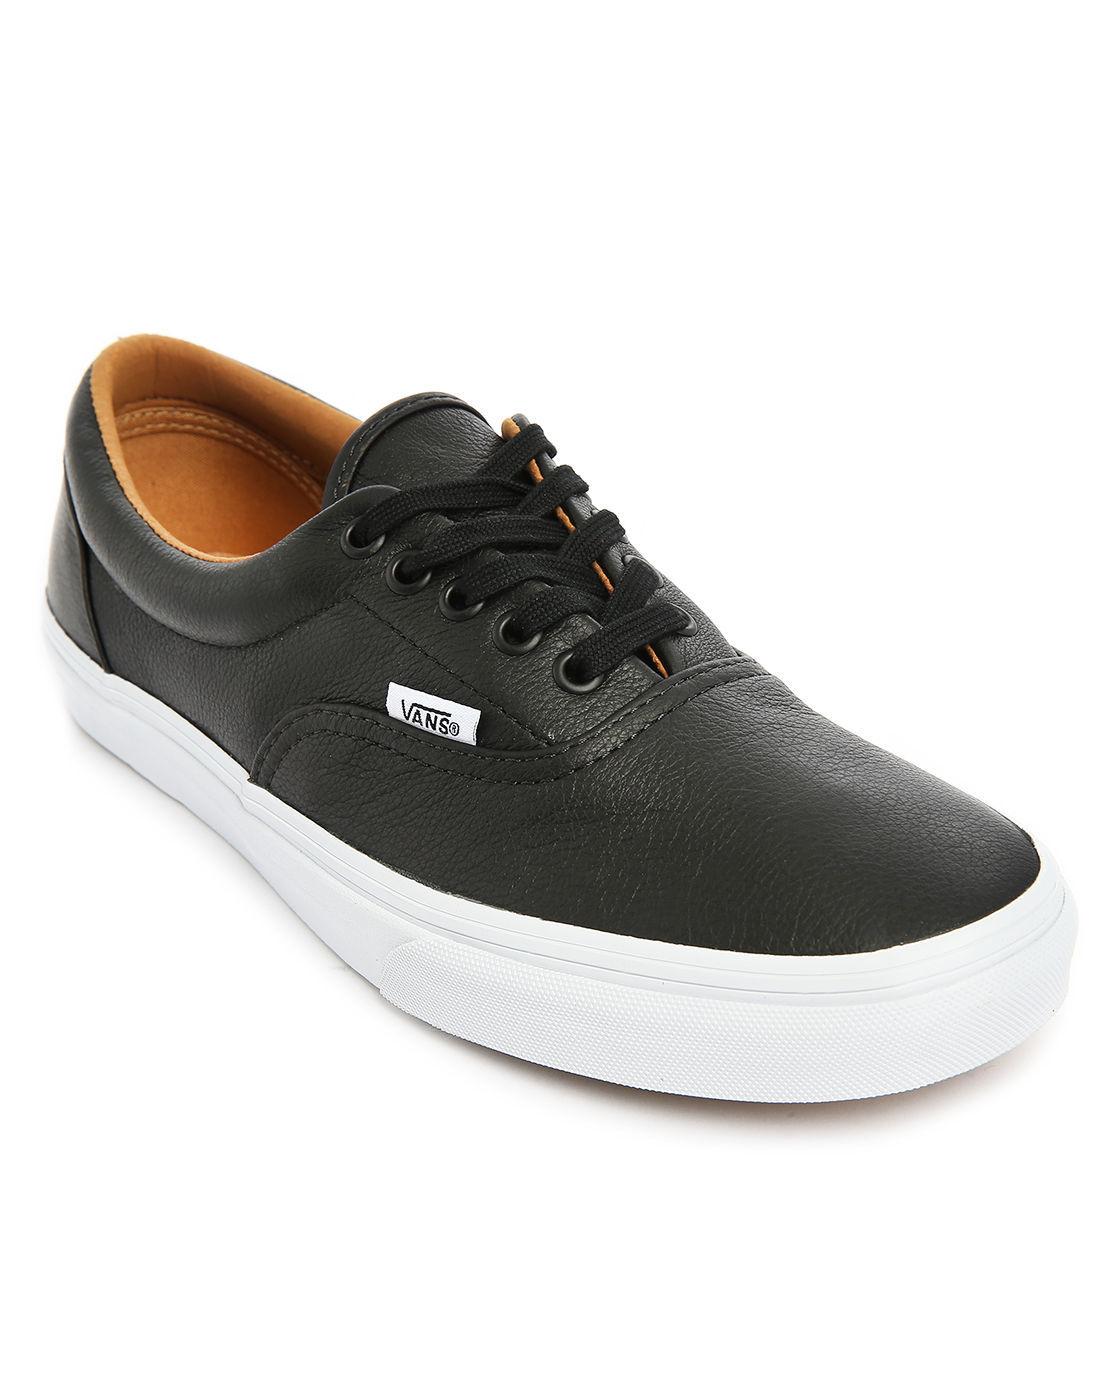 vans era black leather sneakers in black for lyst